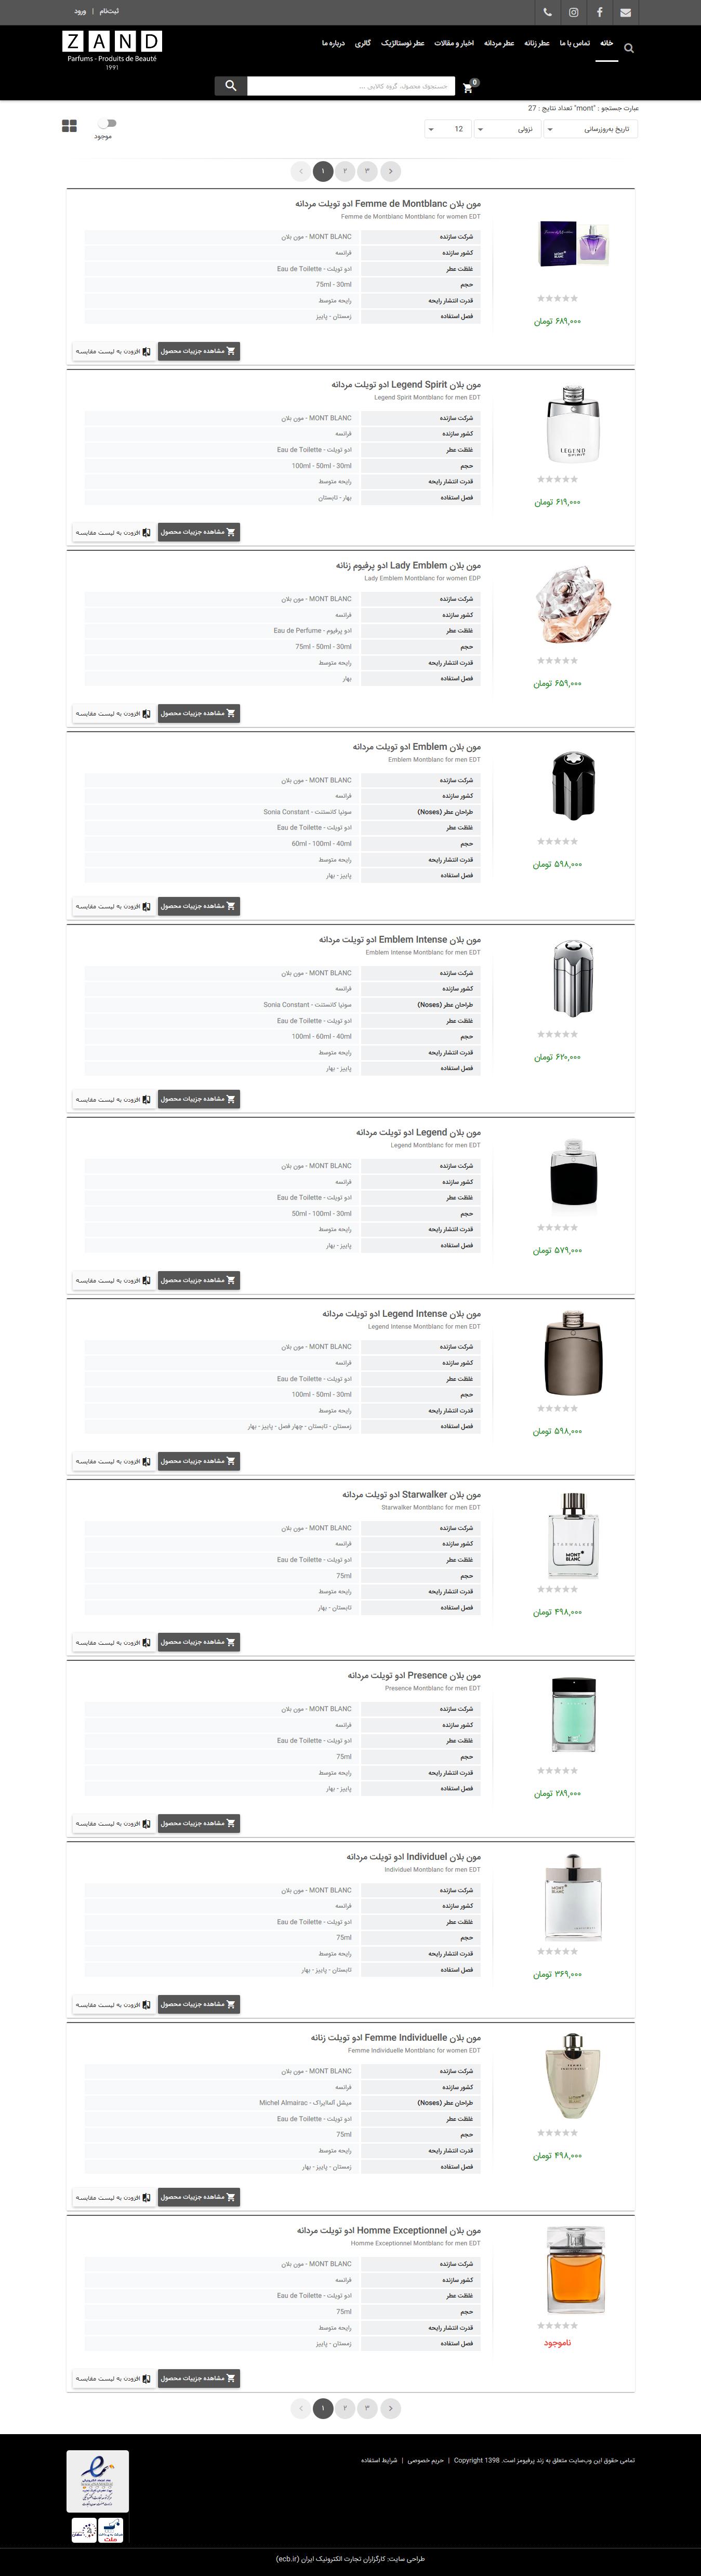 تصویری از صفحه نتایج جستجوی محصولات فروشگاه عطر زند